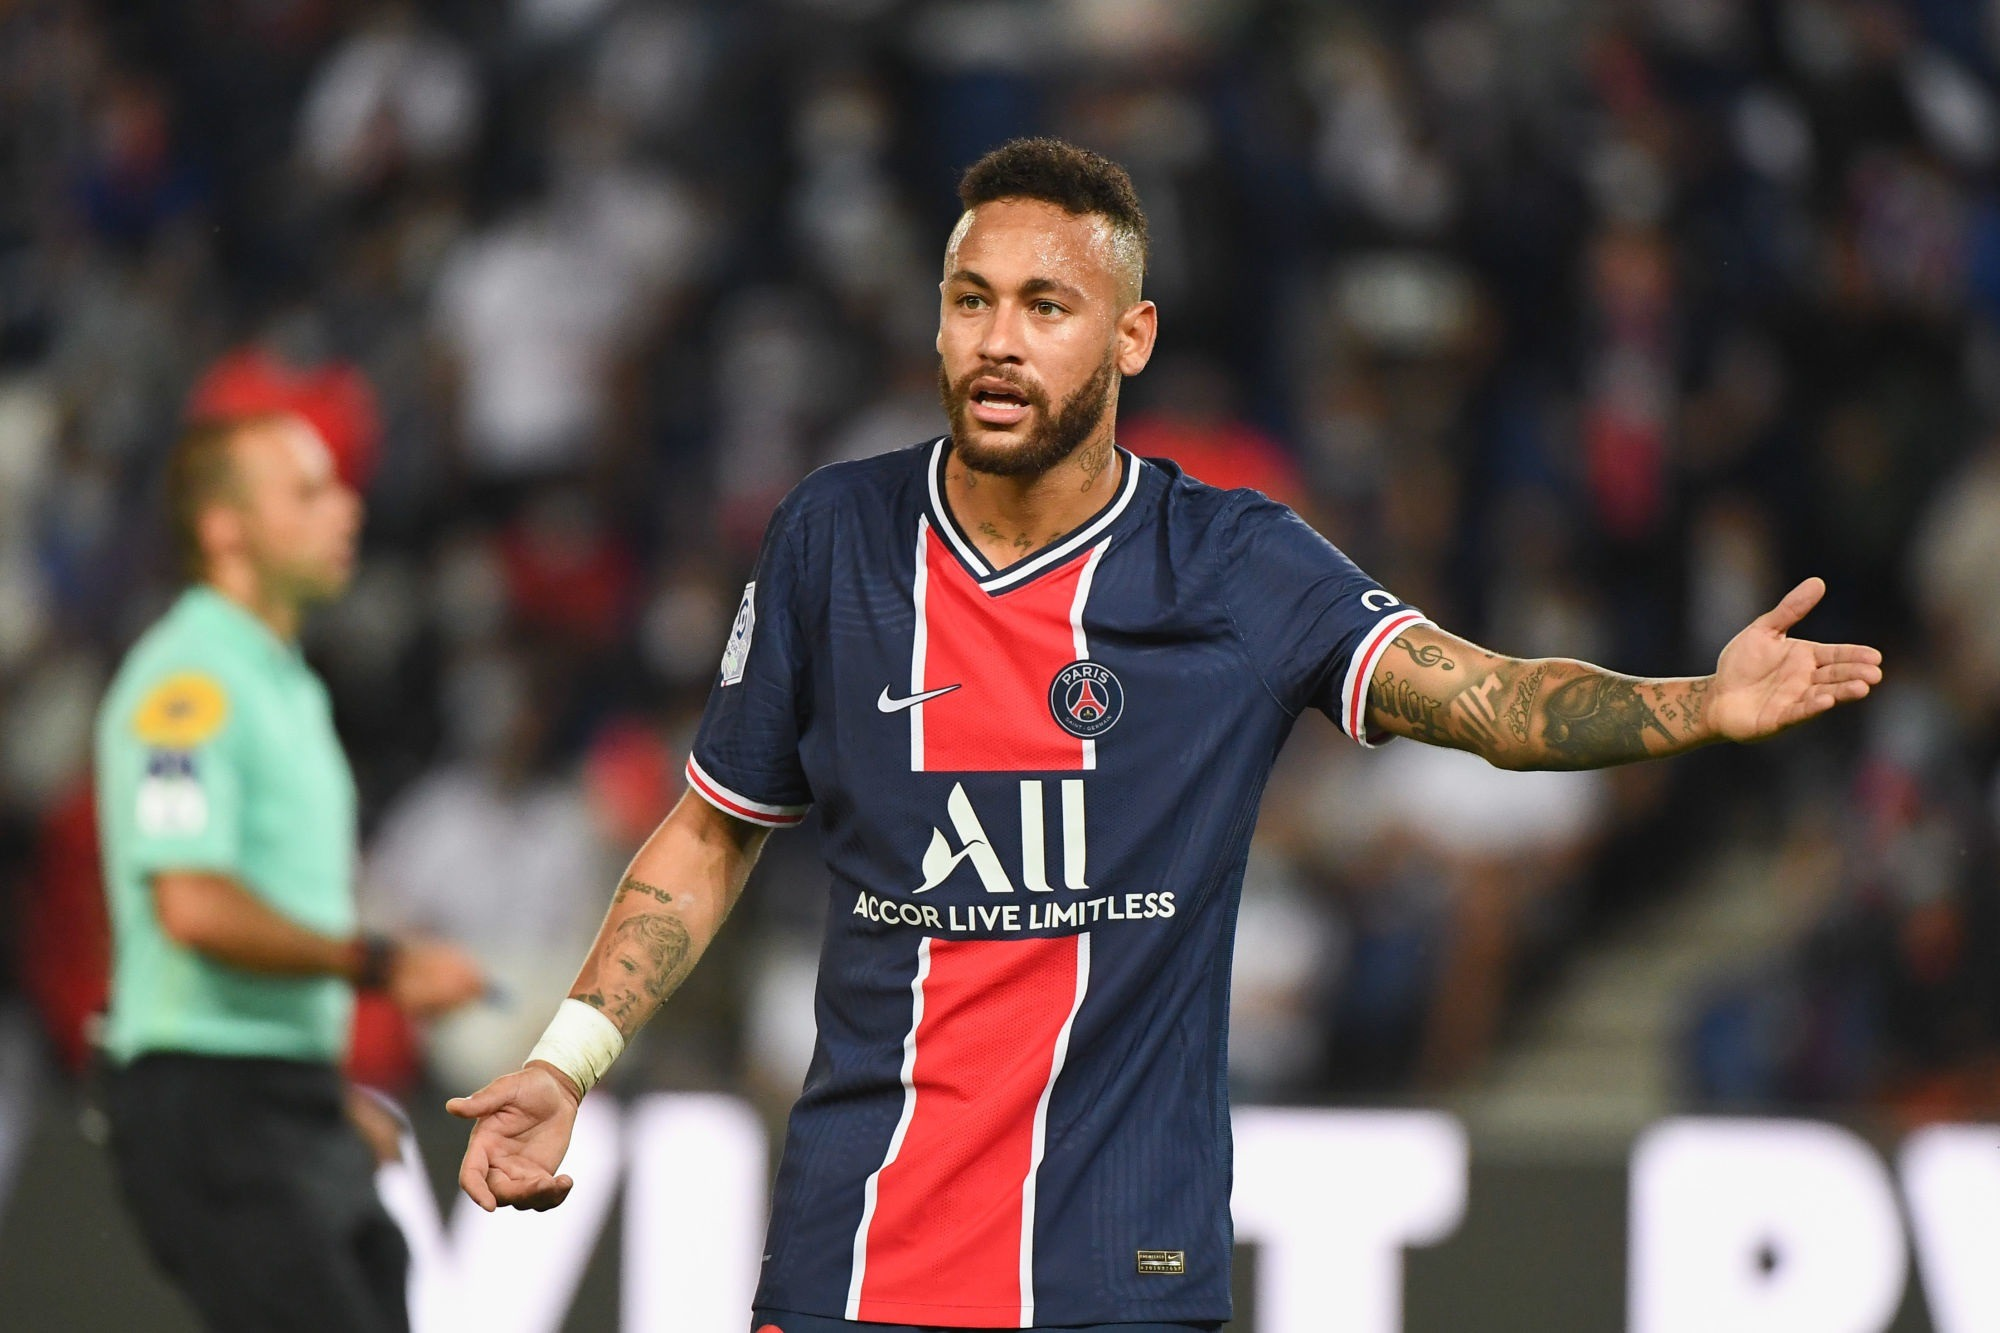 Sévérac explique que Neymar devrait pouvoir éviter les doutes sur son hygiène de vie